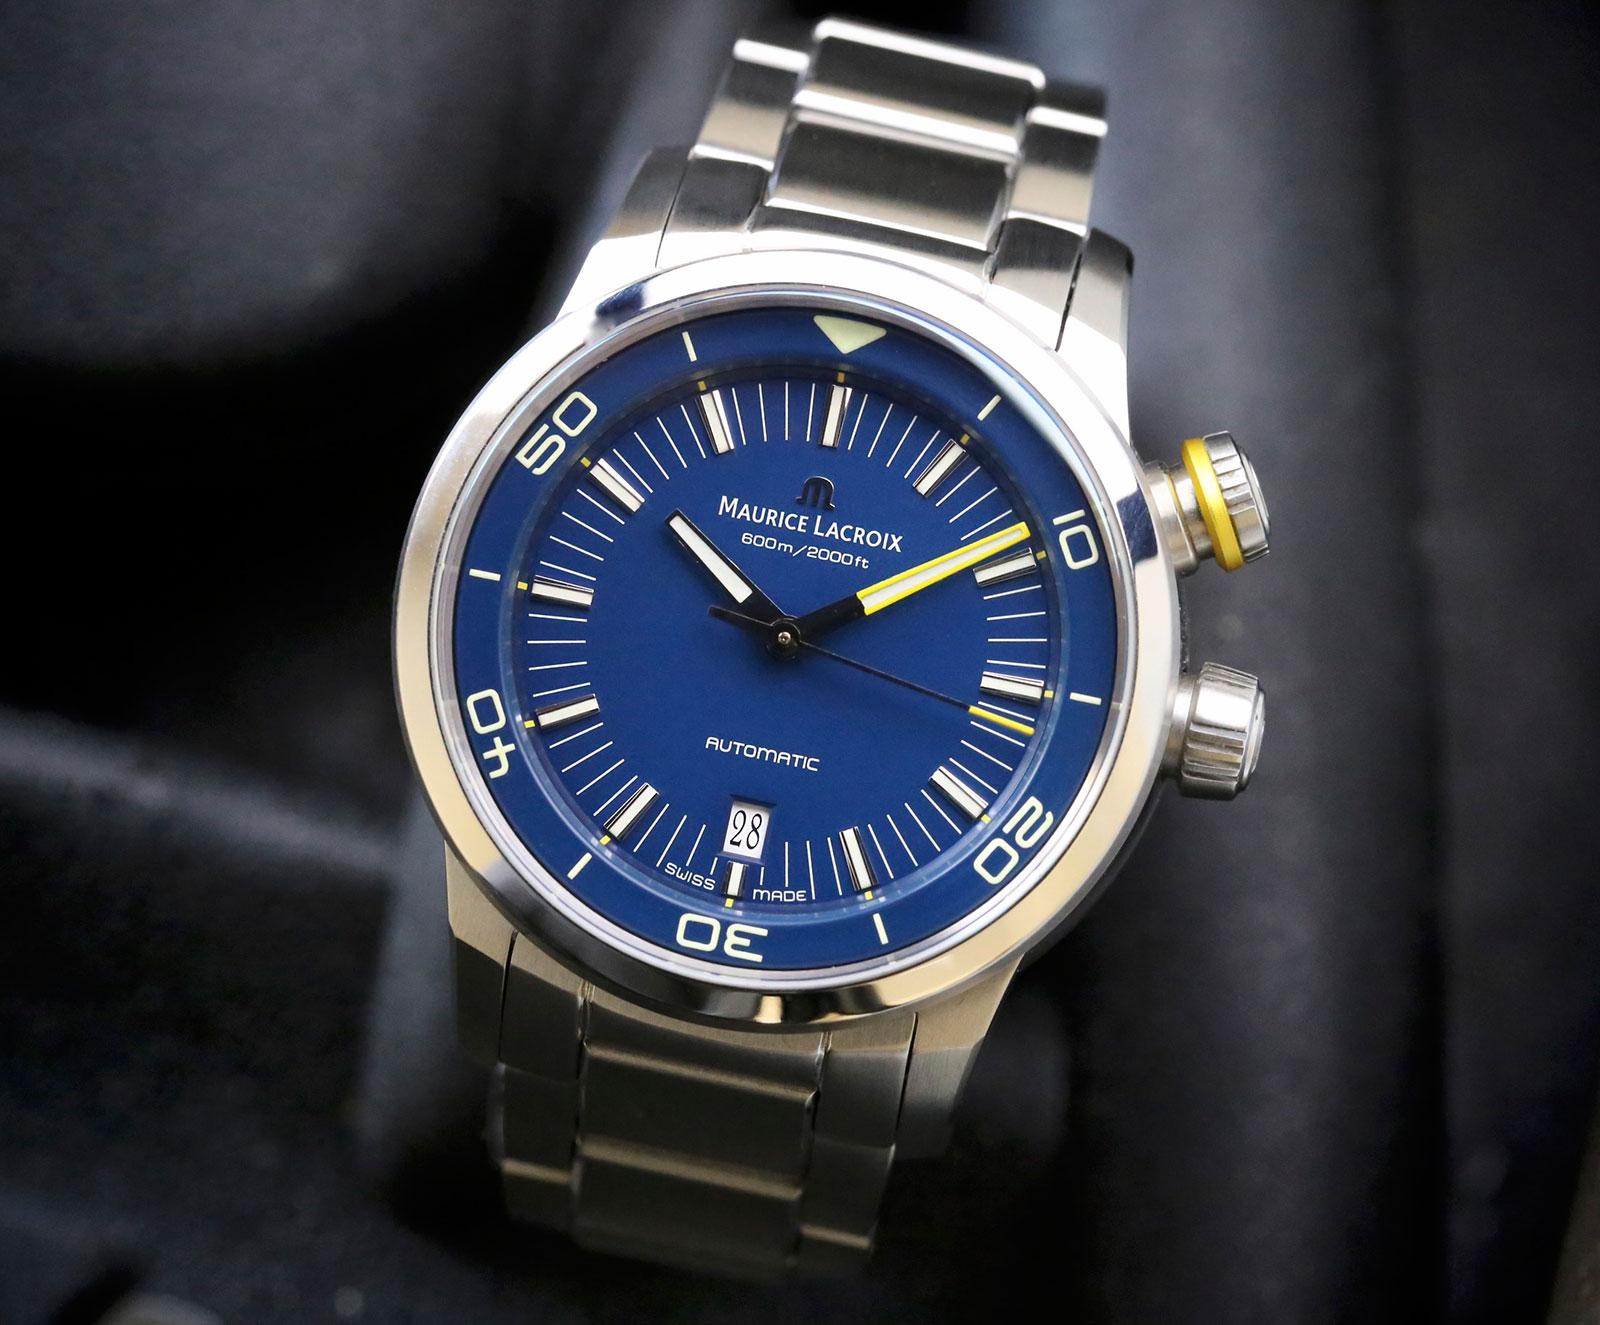 Maurice Lacroix Pontos S Diver Blue Devil Limited Edition 2